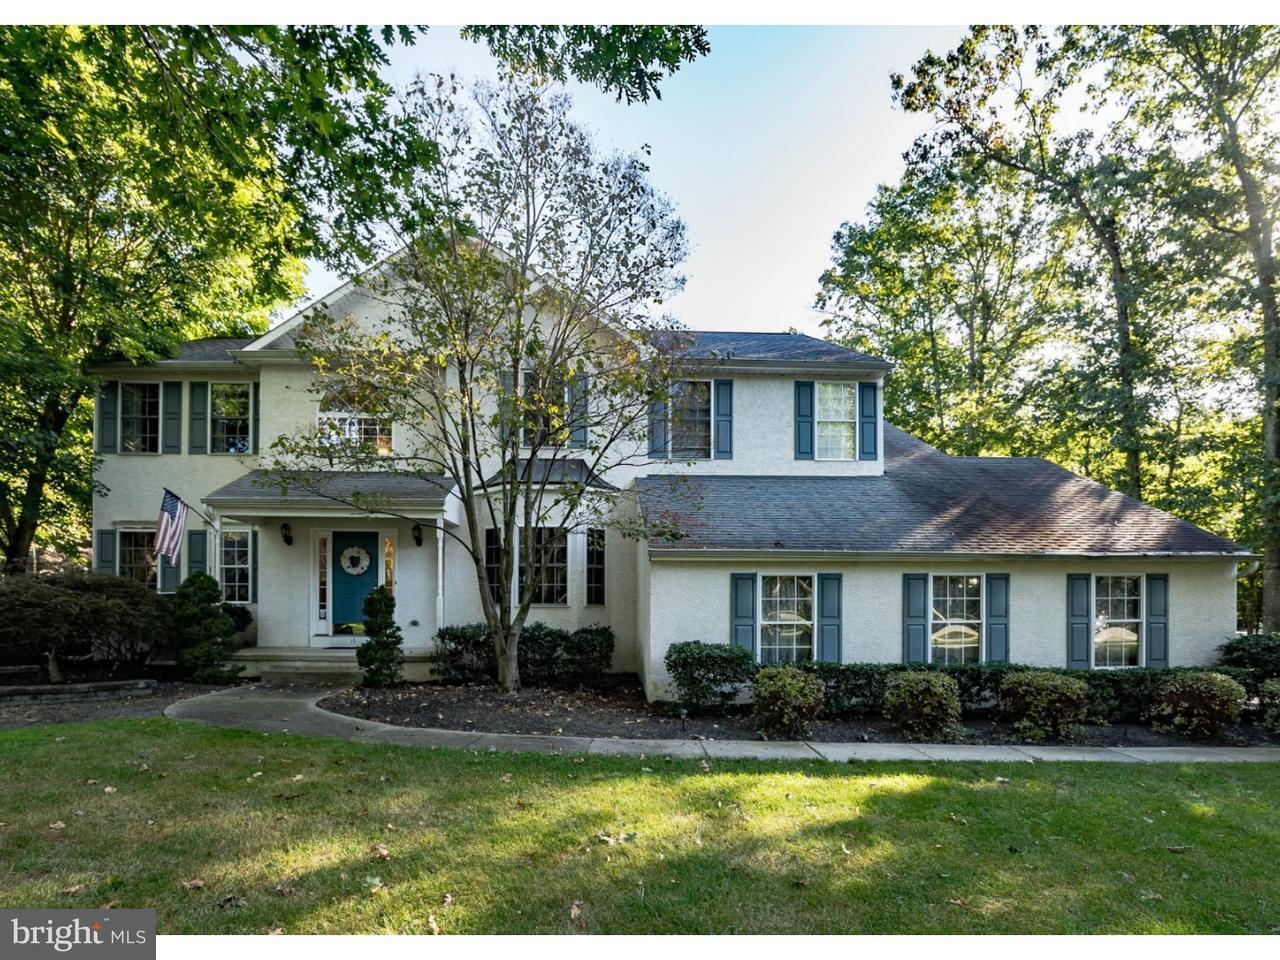 独户住宅 为 销售 在 15 MEADOWBROOK Drive Shamong, 新泽西州 08088 美国